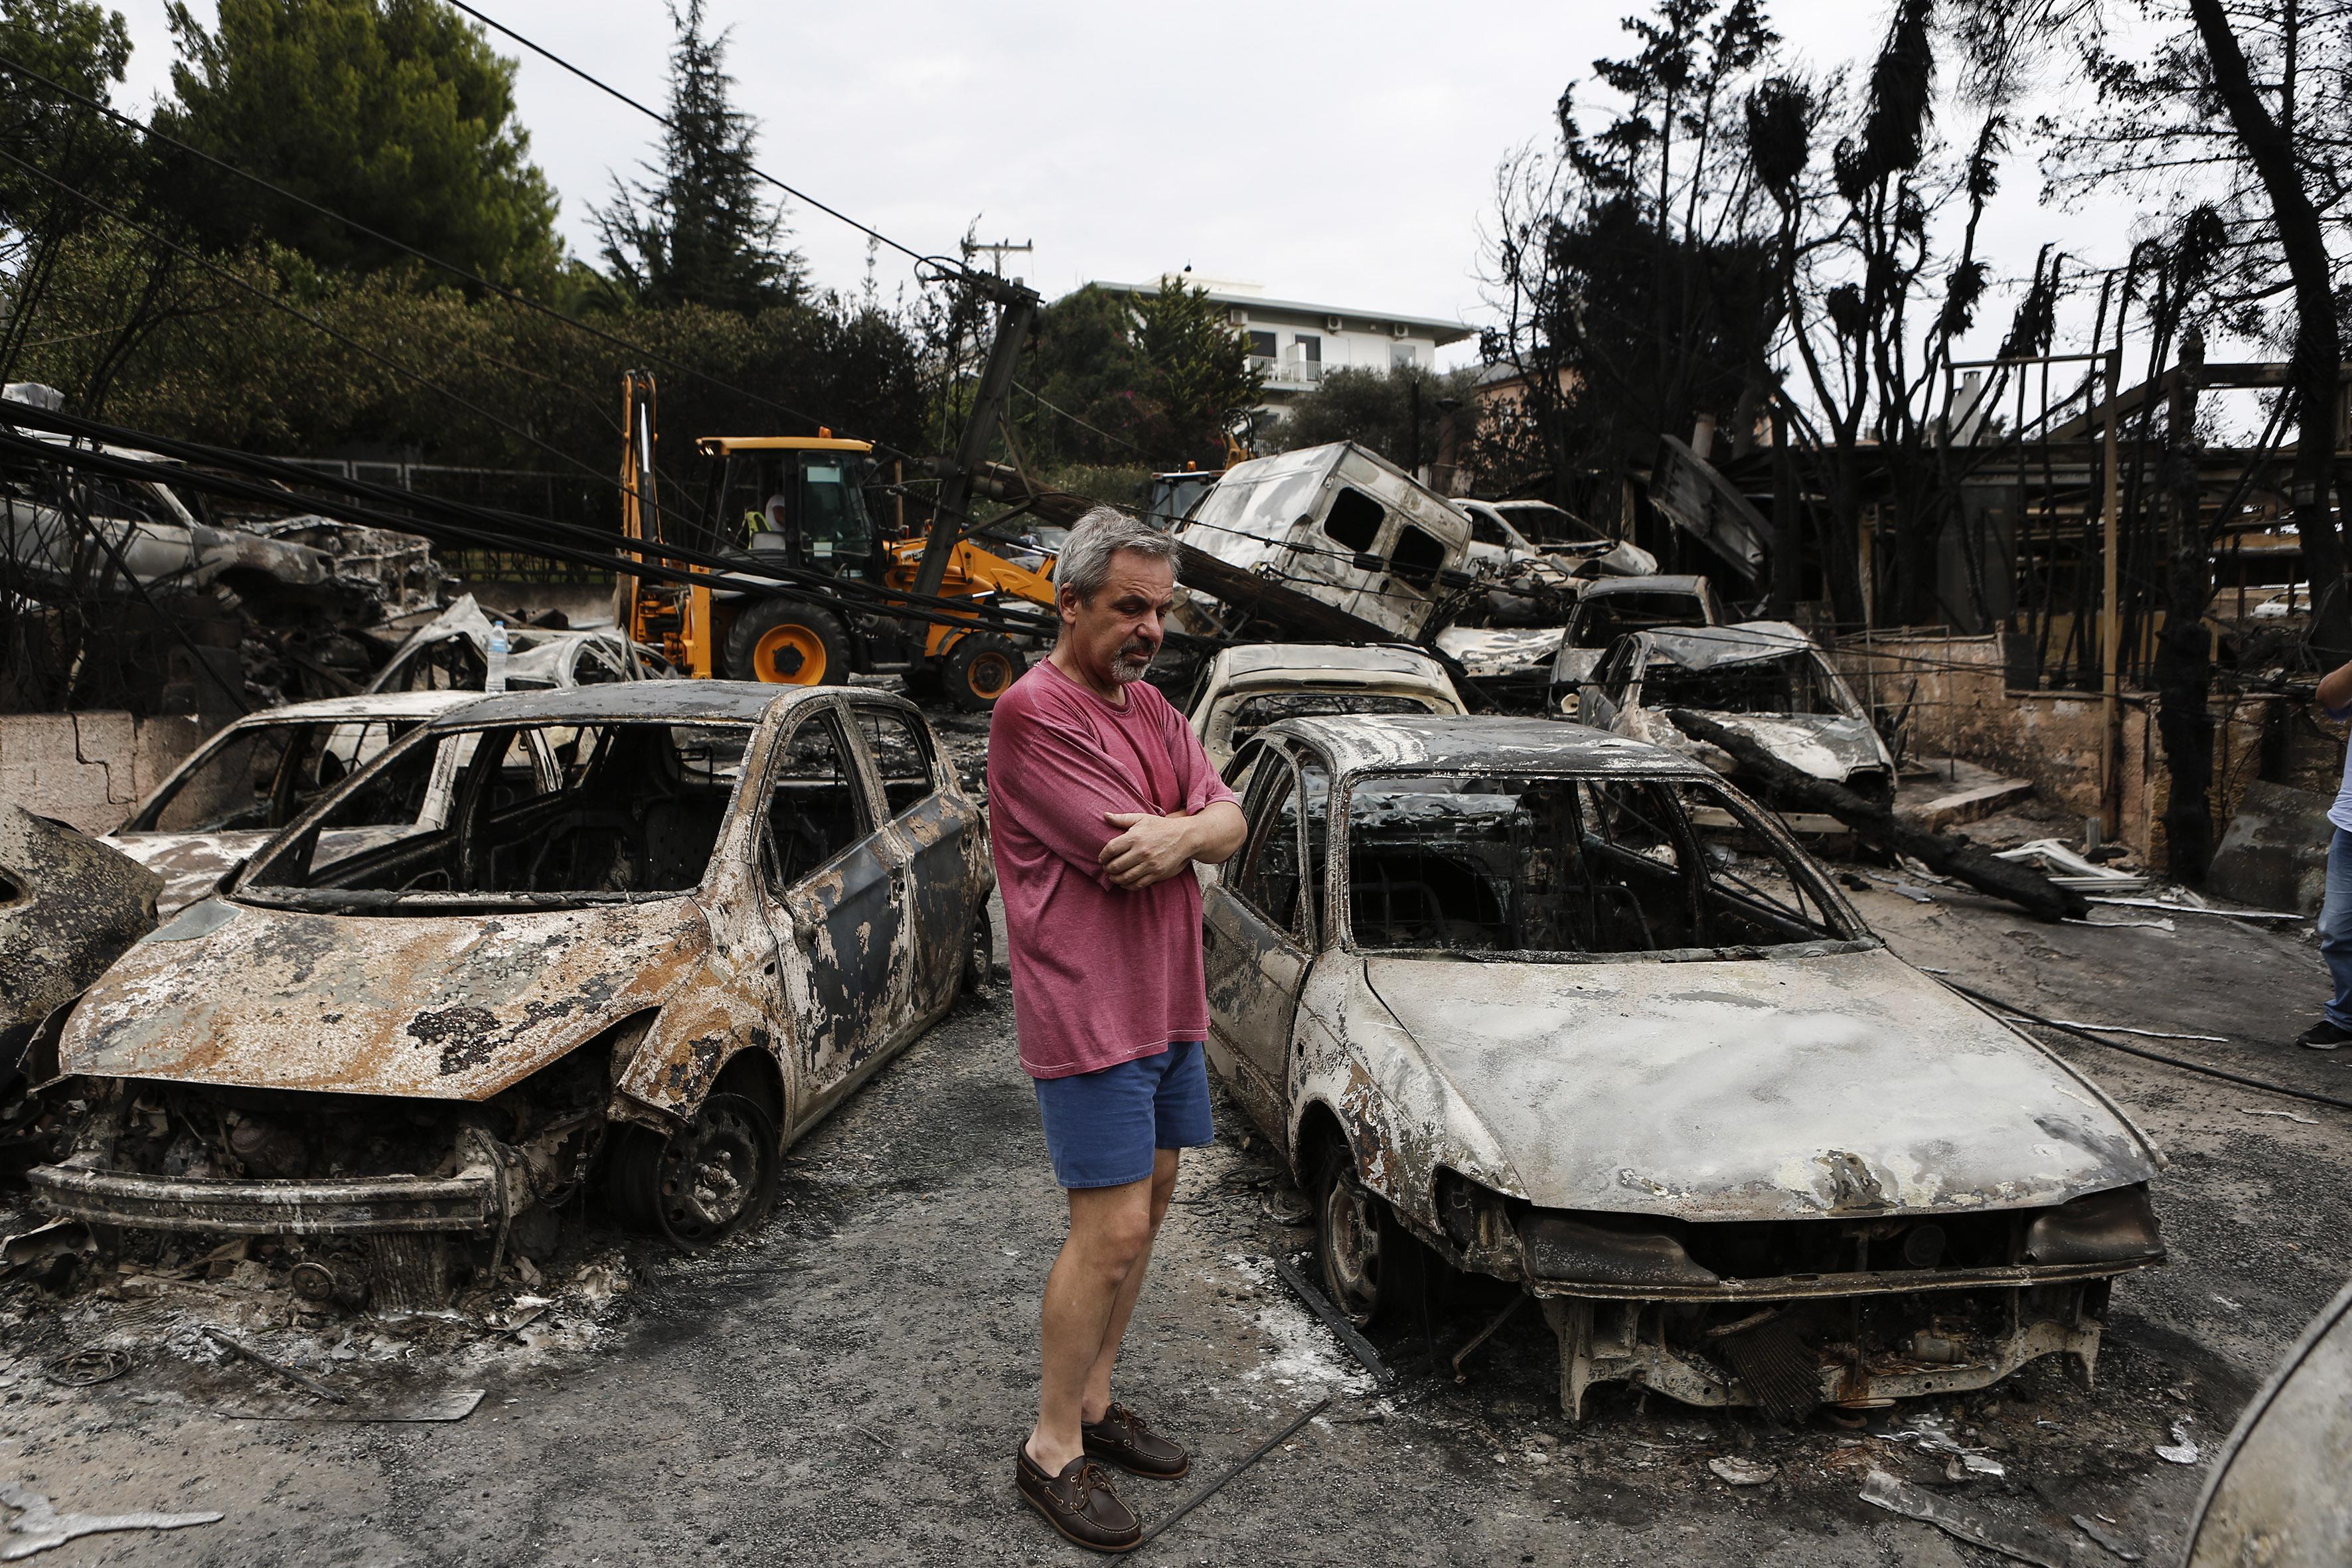 До този момент гръцките власти съобщават за най-малко 60 загинали и 156 ранени, от които 11 в тежко състояние. Пострадали са 16 деца.